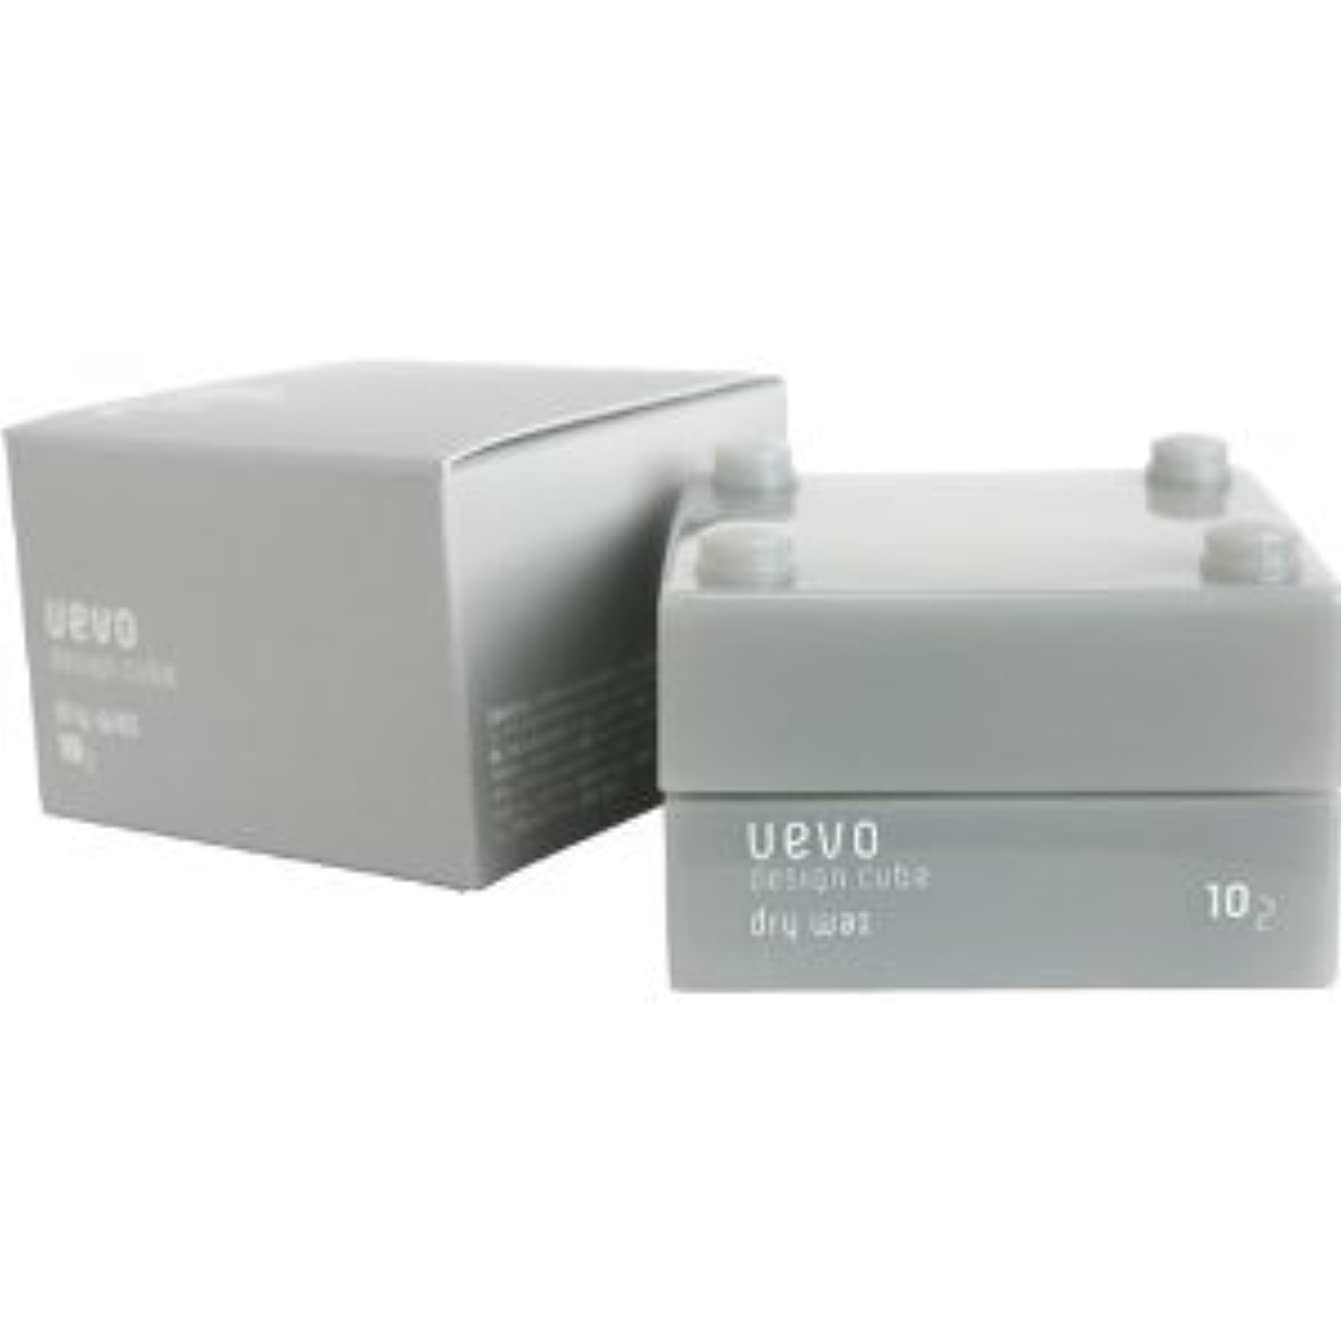 美しい村吹雪【X2個セット】 デミ ウェーボ デザインキューブ ドライワックス 30g dry wax DEMI uevo design cube